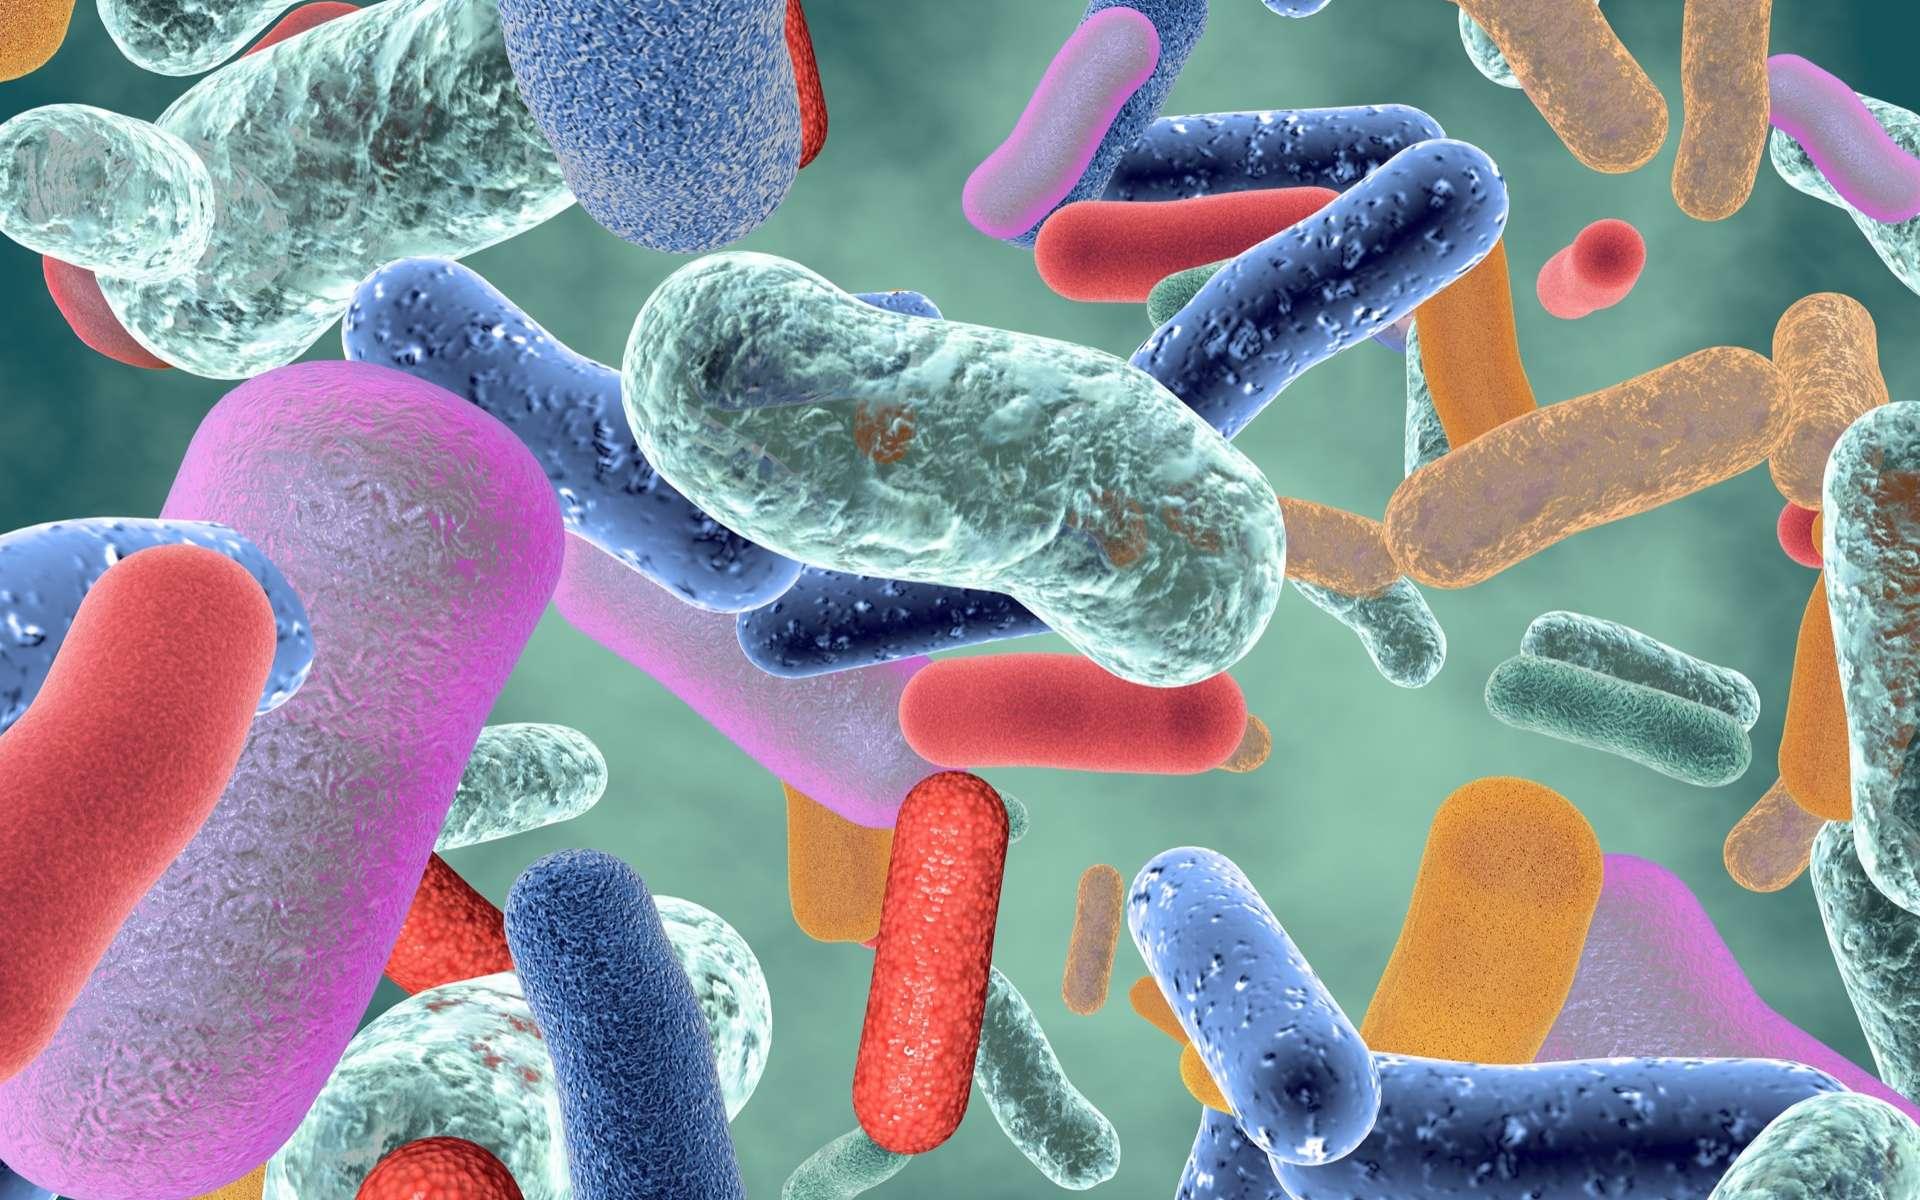 La richesse de notre microbiote intestinal permettrait de réguler la glycémie et d'améliorer notre santé cardiovasculaire. © picture-waterfall, Adobe Stock